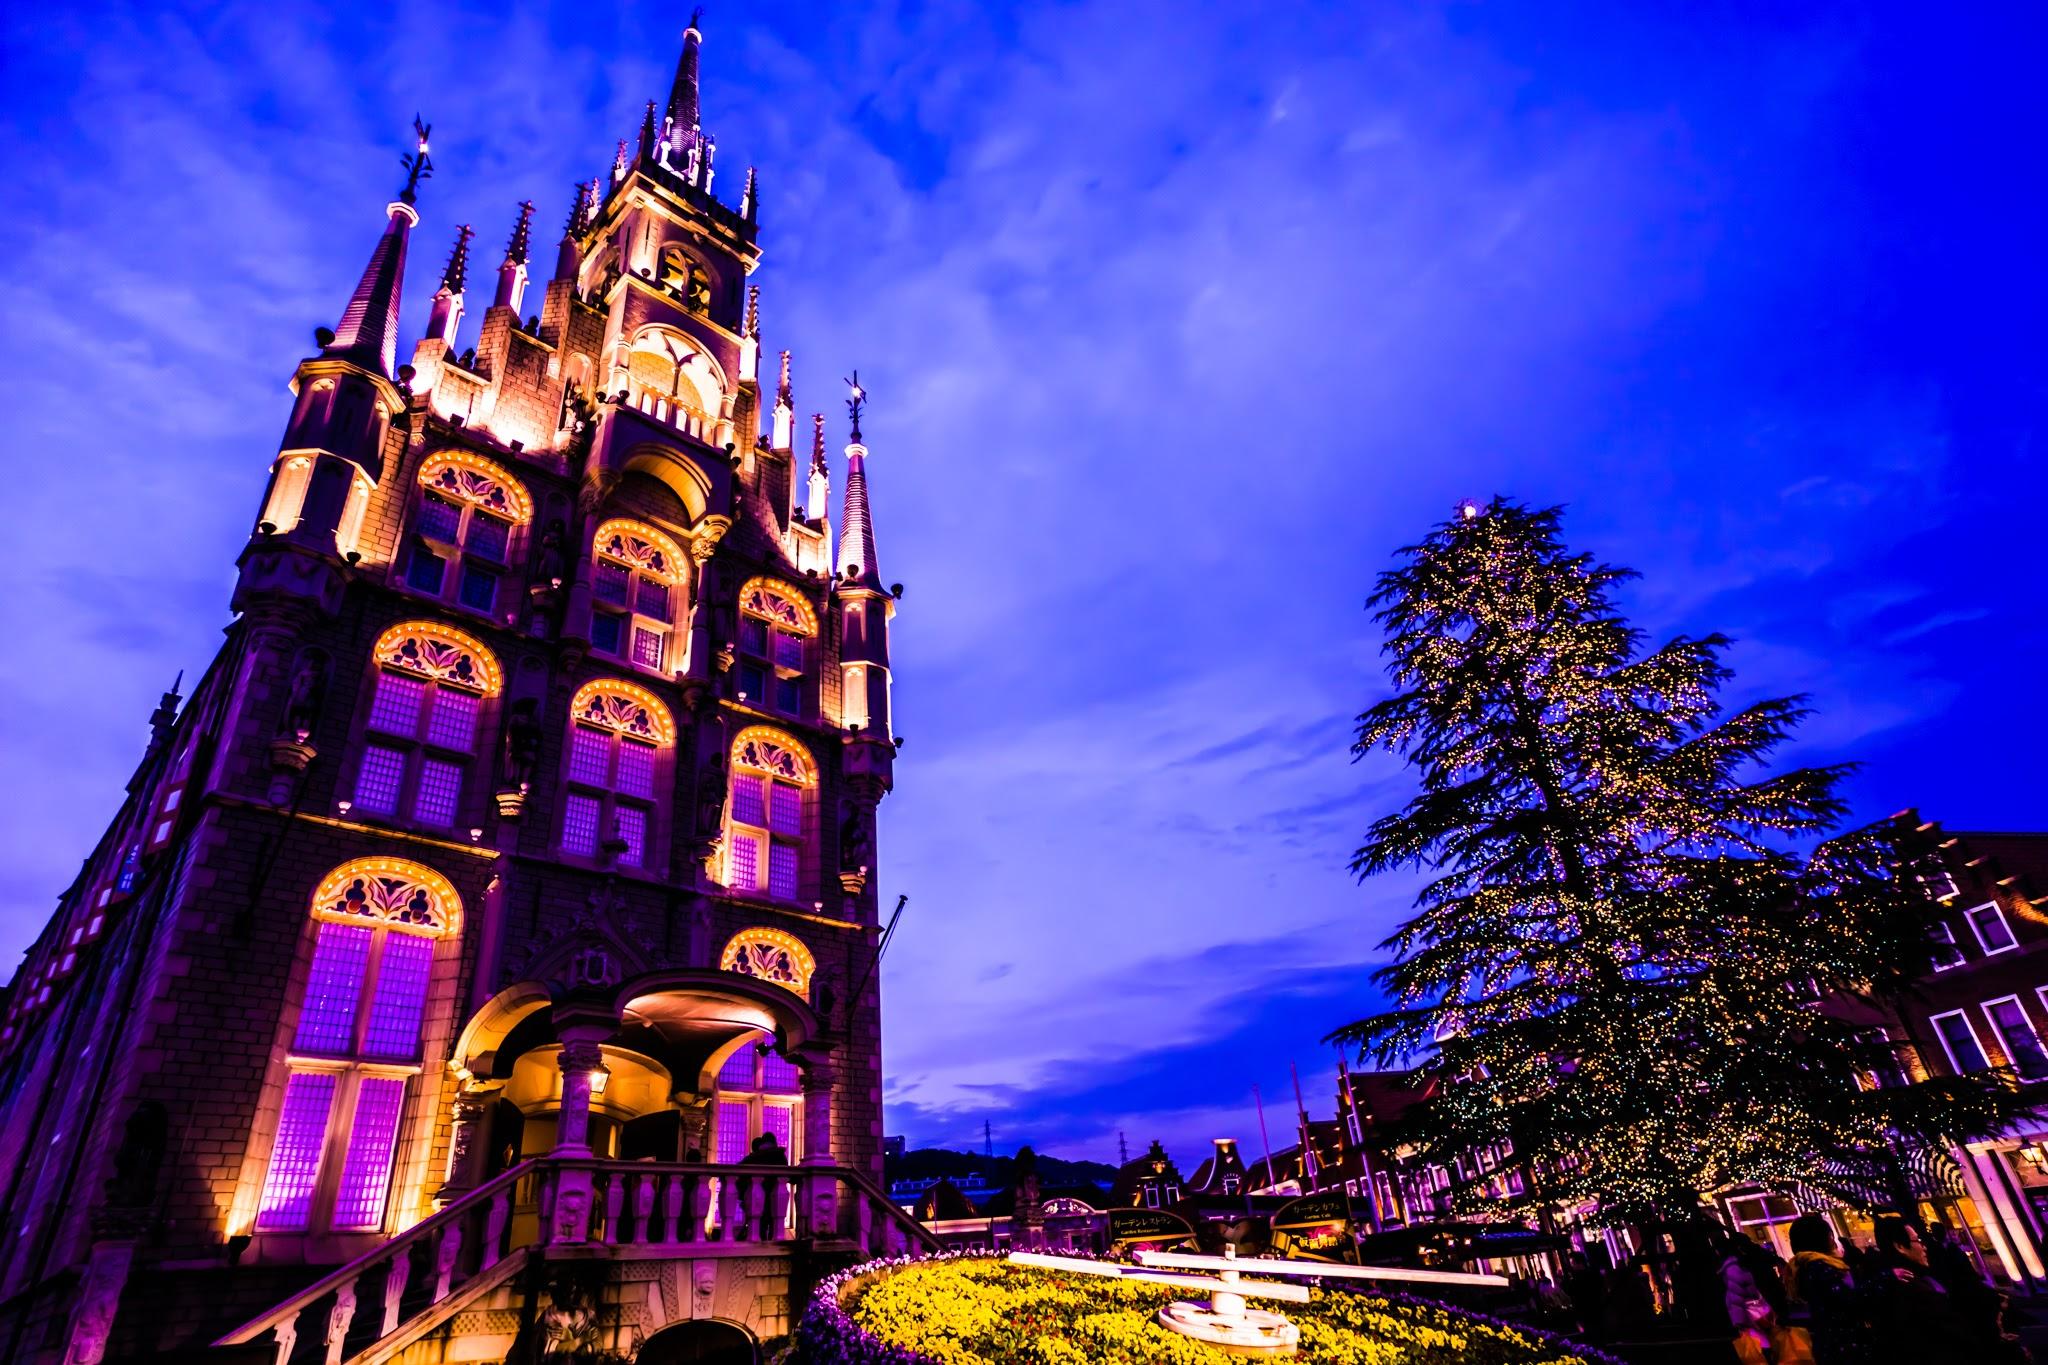 ハウステンボス イルミネーション 光の王国 アムステルダムシティ2